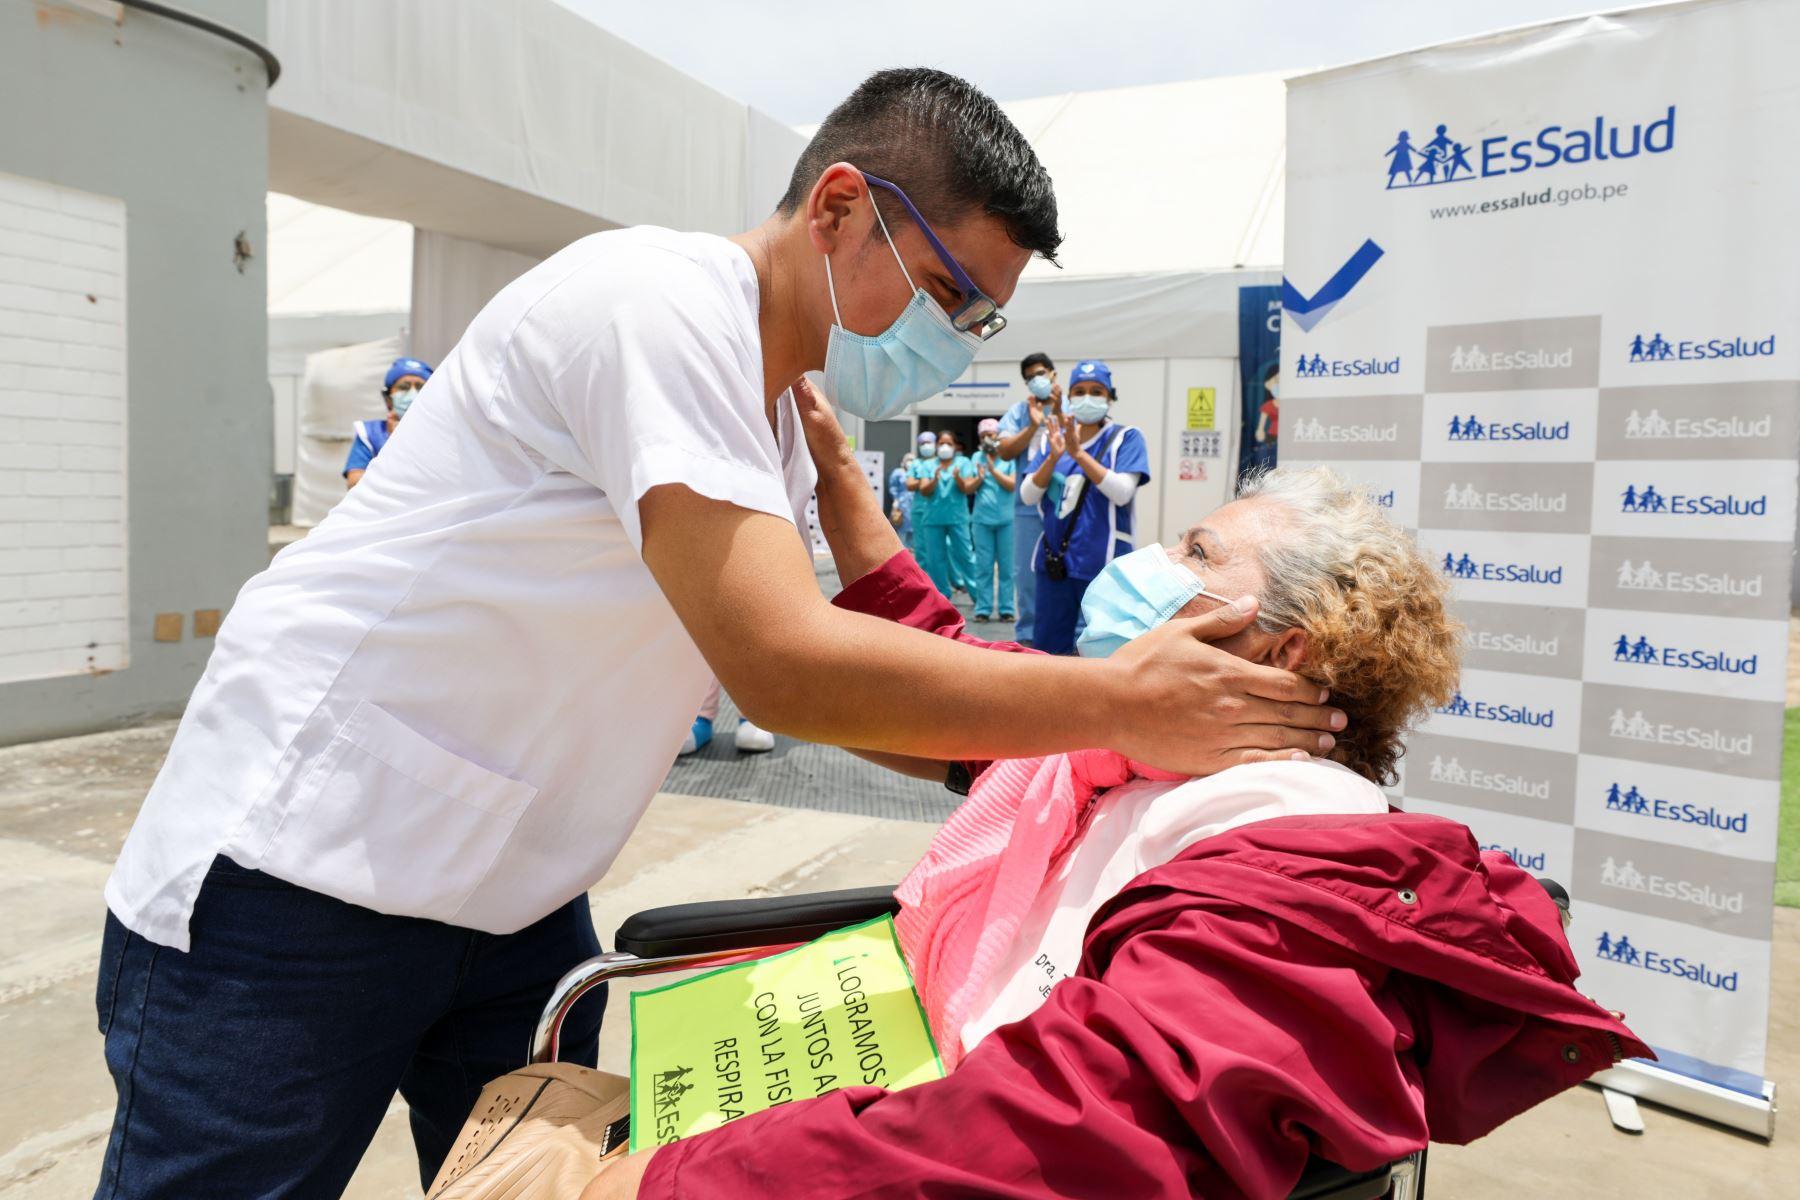 La doctora Teresa Cano trabajó en EsSalud por 45 años y nunca imaginó que su hijo médico se encargaría de su recuperación. Foto: ANDINA/difusión.